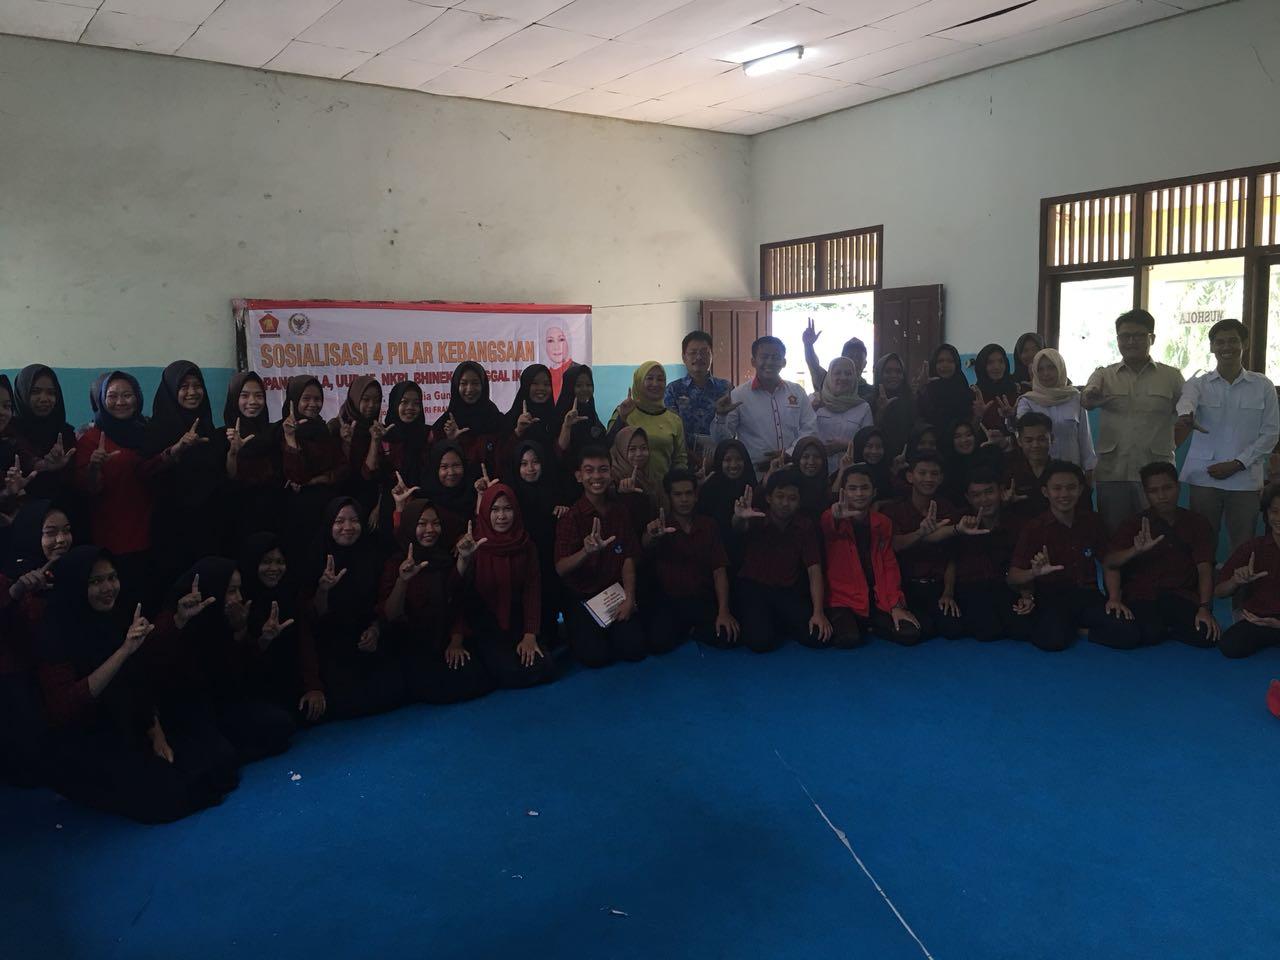 Anggota DPR Tanamkan Nilai Kebangsaan kepada Pelajar